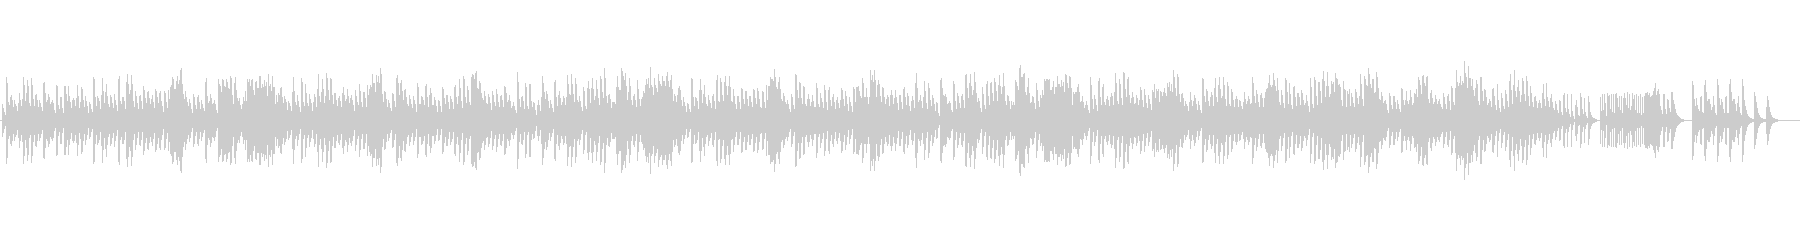 ショパン夜想曲2番のオルゴールの未再生の波形